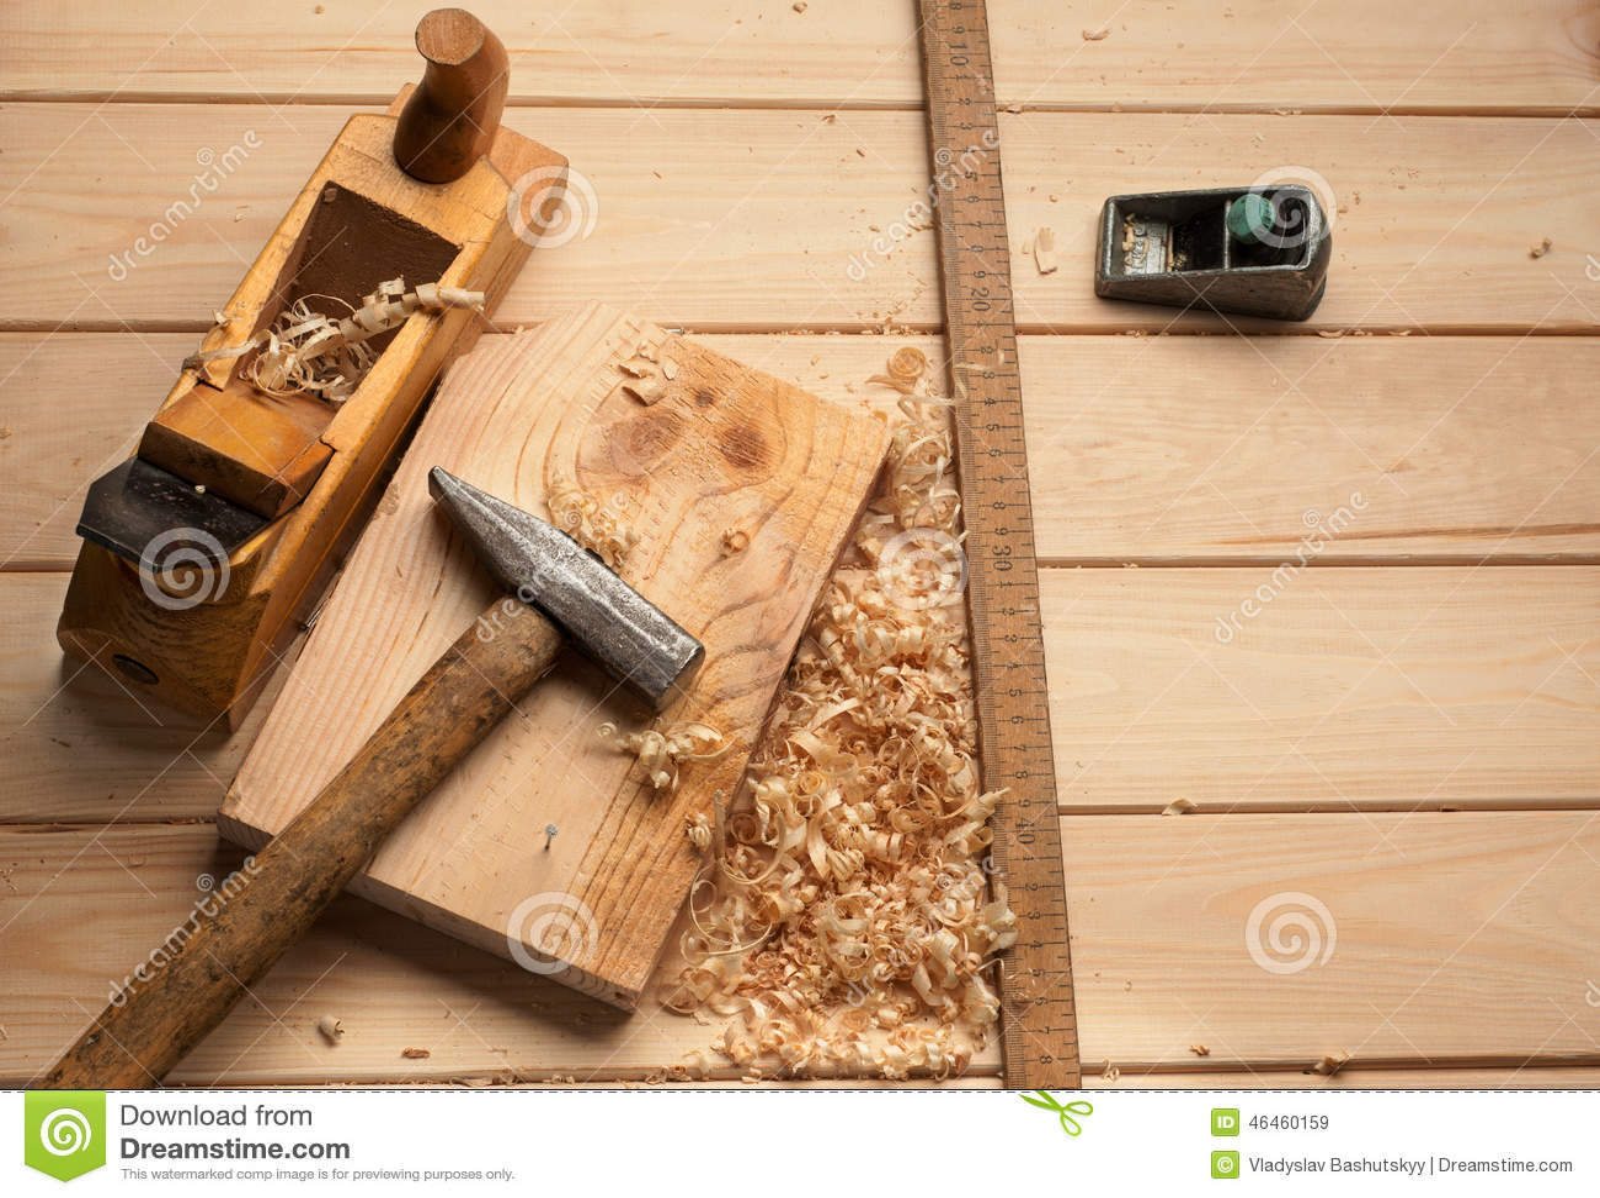 Herramientas del carpintero martillo metro clavos for Carpintero de madera